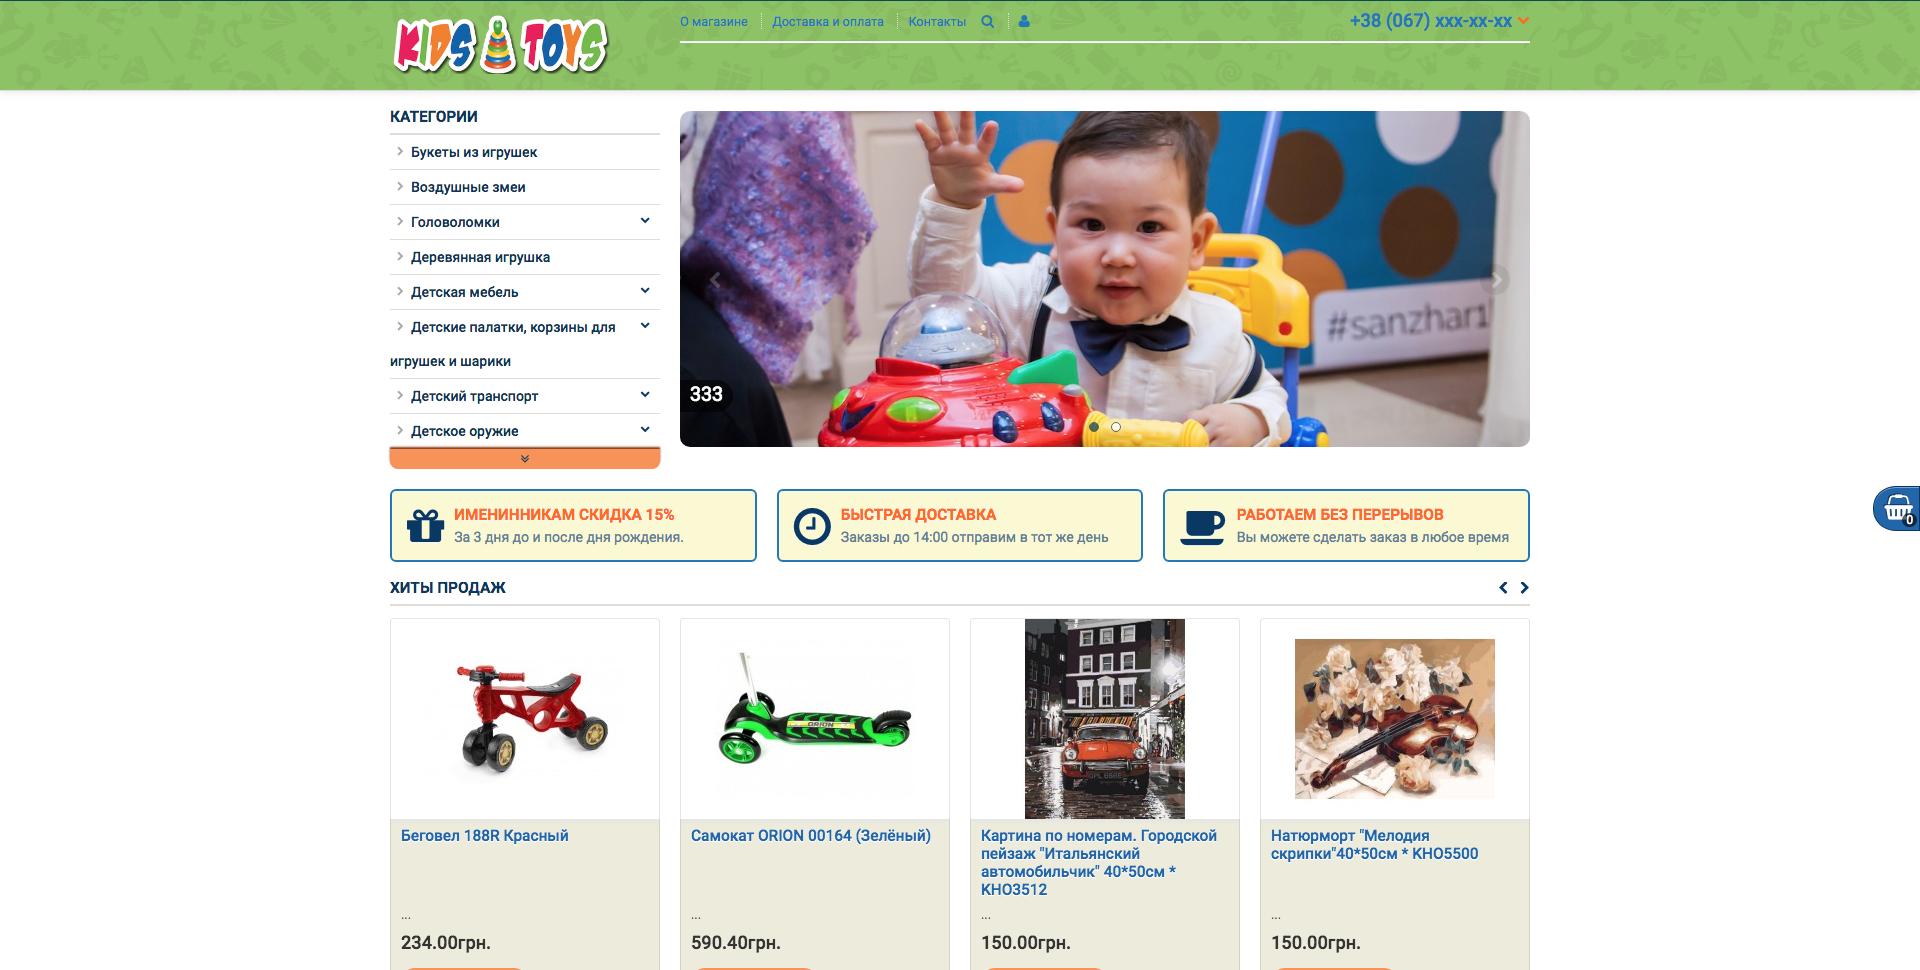 b1b48e50d04 Продам интернет-магазин детских игрушек — Franchise.ua